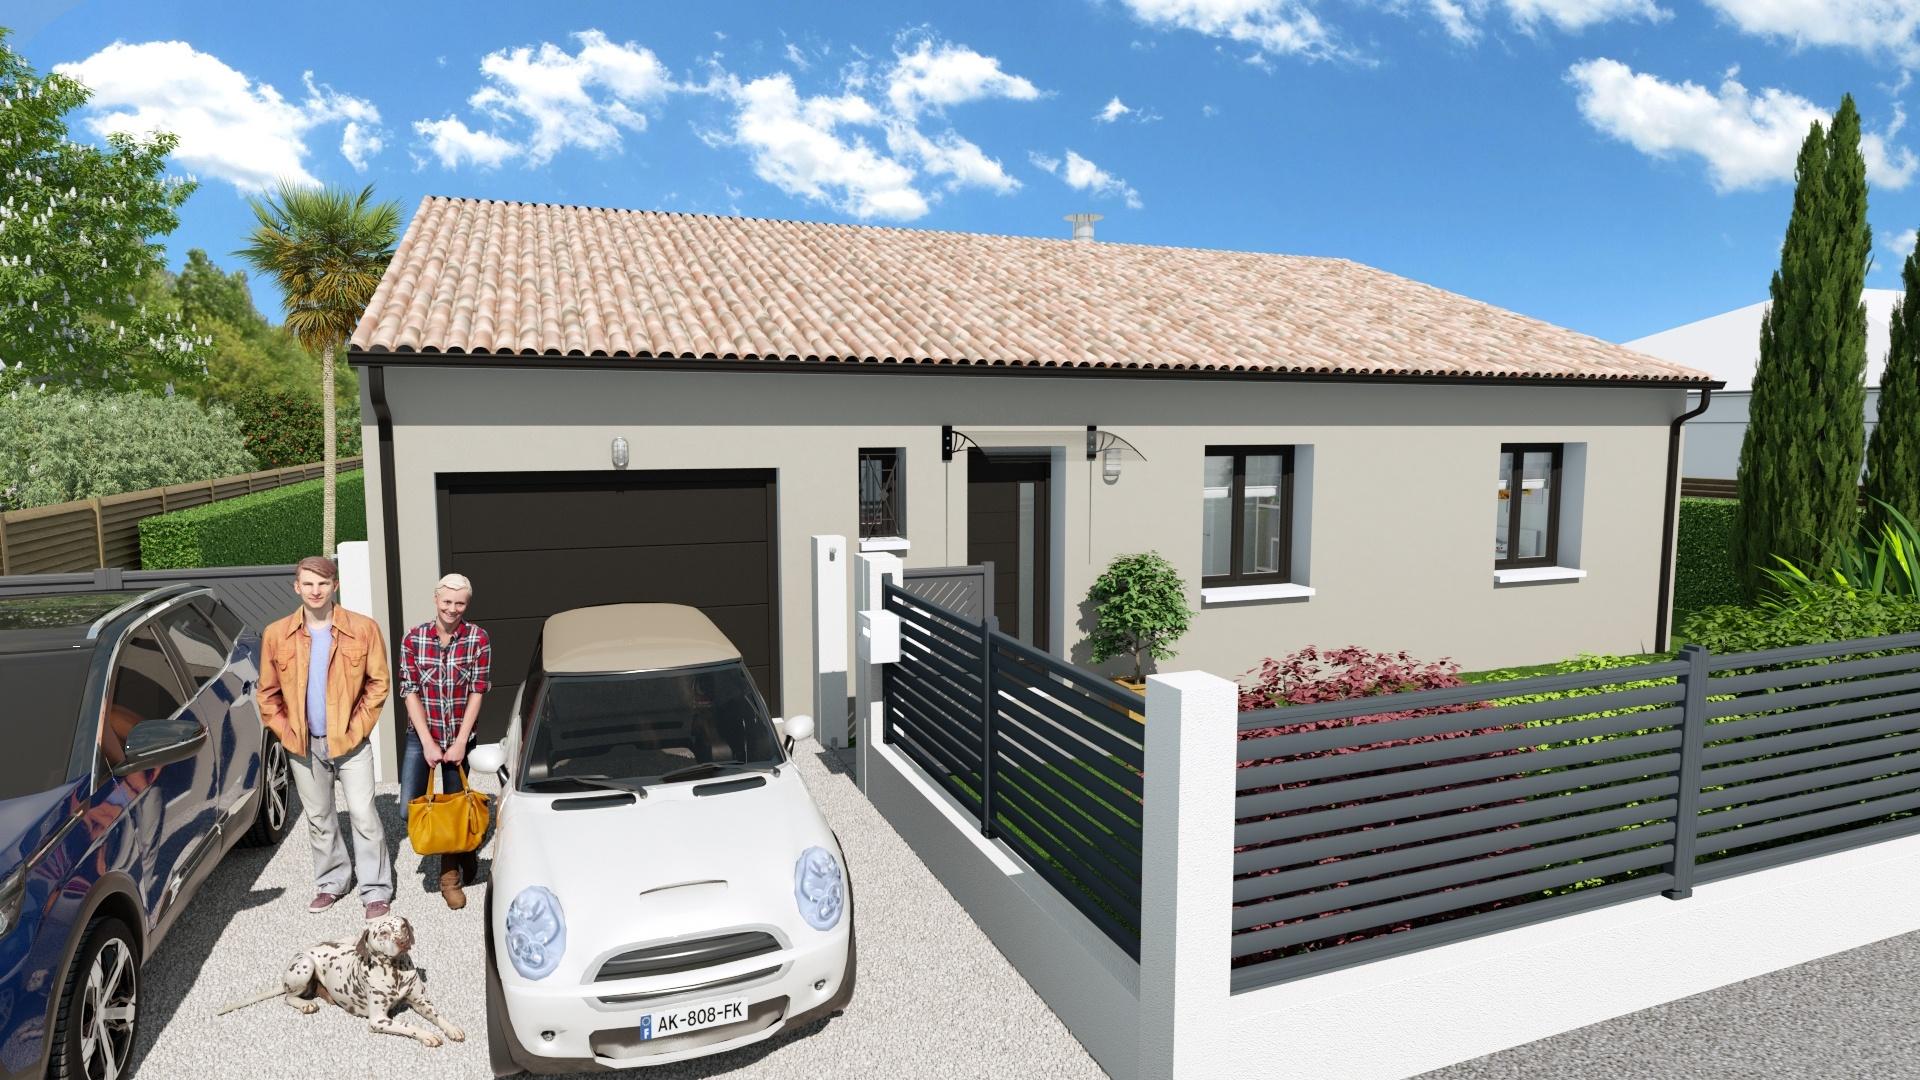 Maisons + Terrains du constructeur Maison Familiale Toulouse • 107 m² • LAPEYROUSE FOSSAT